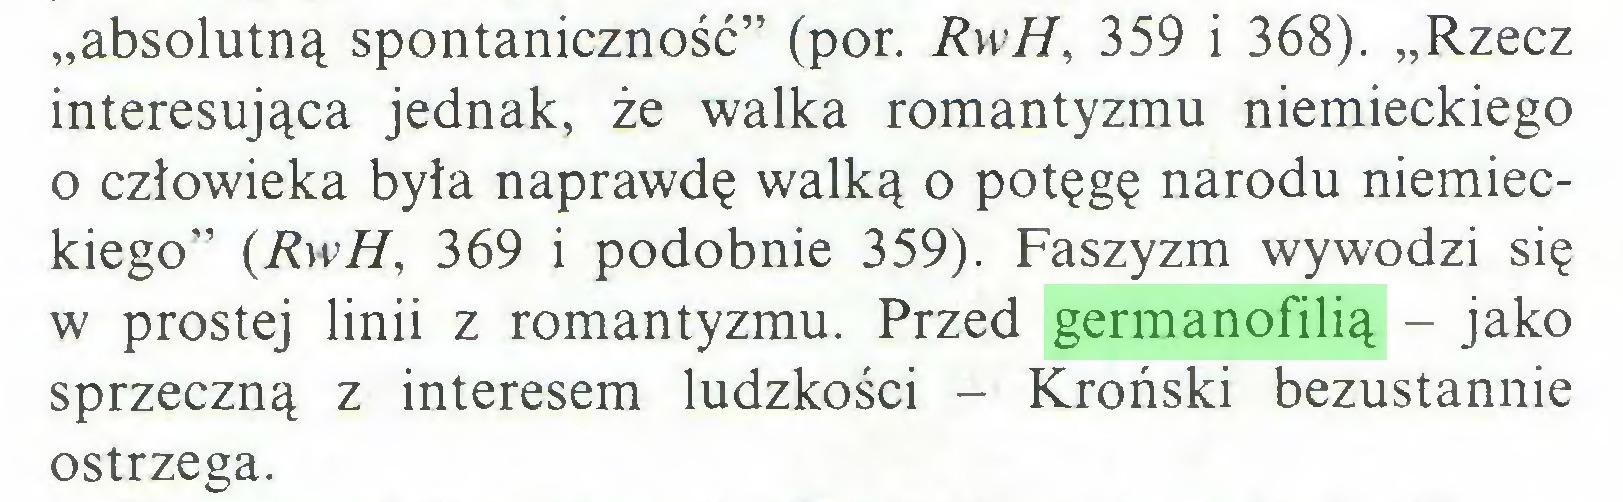 """(...) """"absolutną spontaniczność"""" (por. RwH, 359 i 368). """"Rzecz interesująca jednak, że walka romantyzmu niemieckiego 0 człowieka była naprawdę walką o potęgę narodu niemieckiego"""" {RwH, 369 i podobnie 359). Faszyzm wywodzi się w prostej linii z romantyzmu. Przed germanofilią - jako sprzeczną z interesem ludzkości - Kroński bezustannie ostrzega..."""